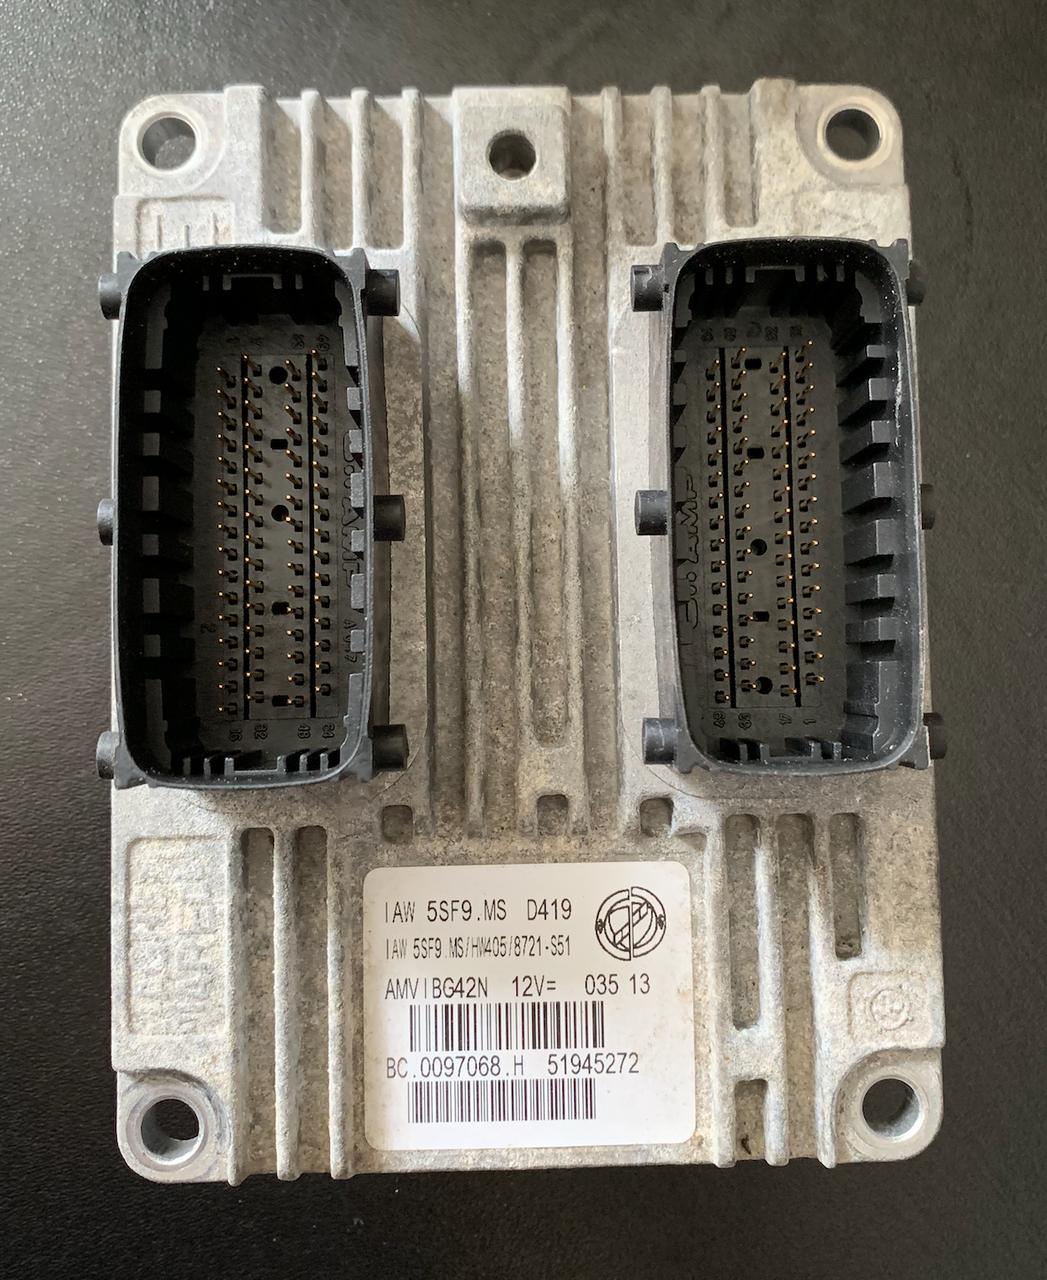 Fiat 500, IAW 5SF9.MS, HW405, BC.0097068.H, 51945272